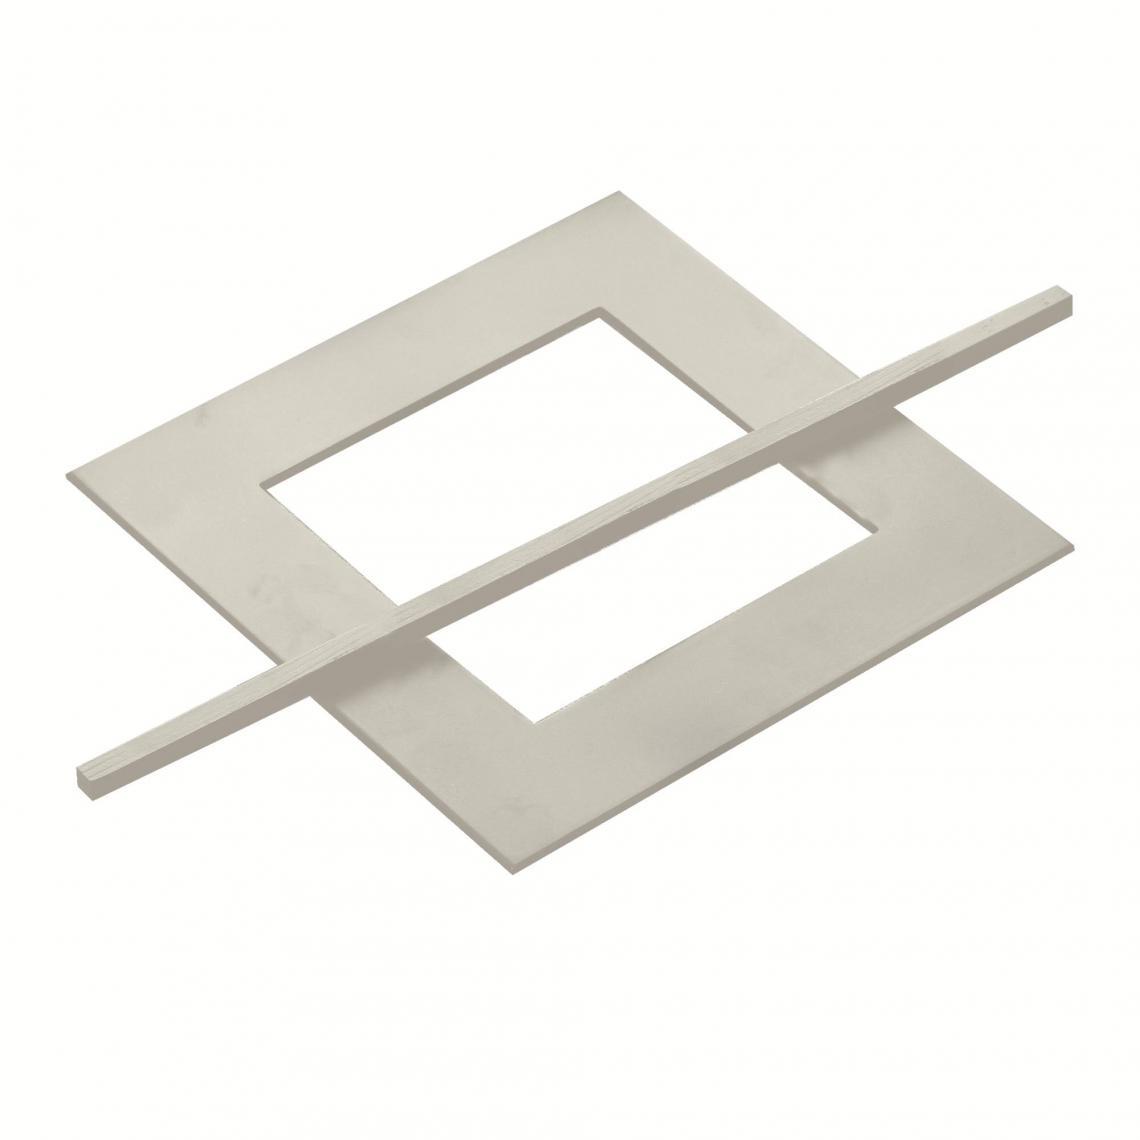 Embrasse à rideau carrée + pic bois laqué - Blanc 2 Avis